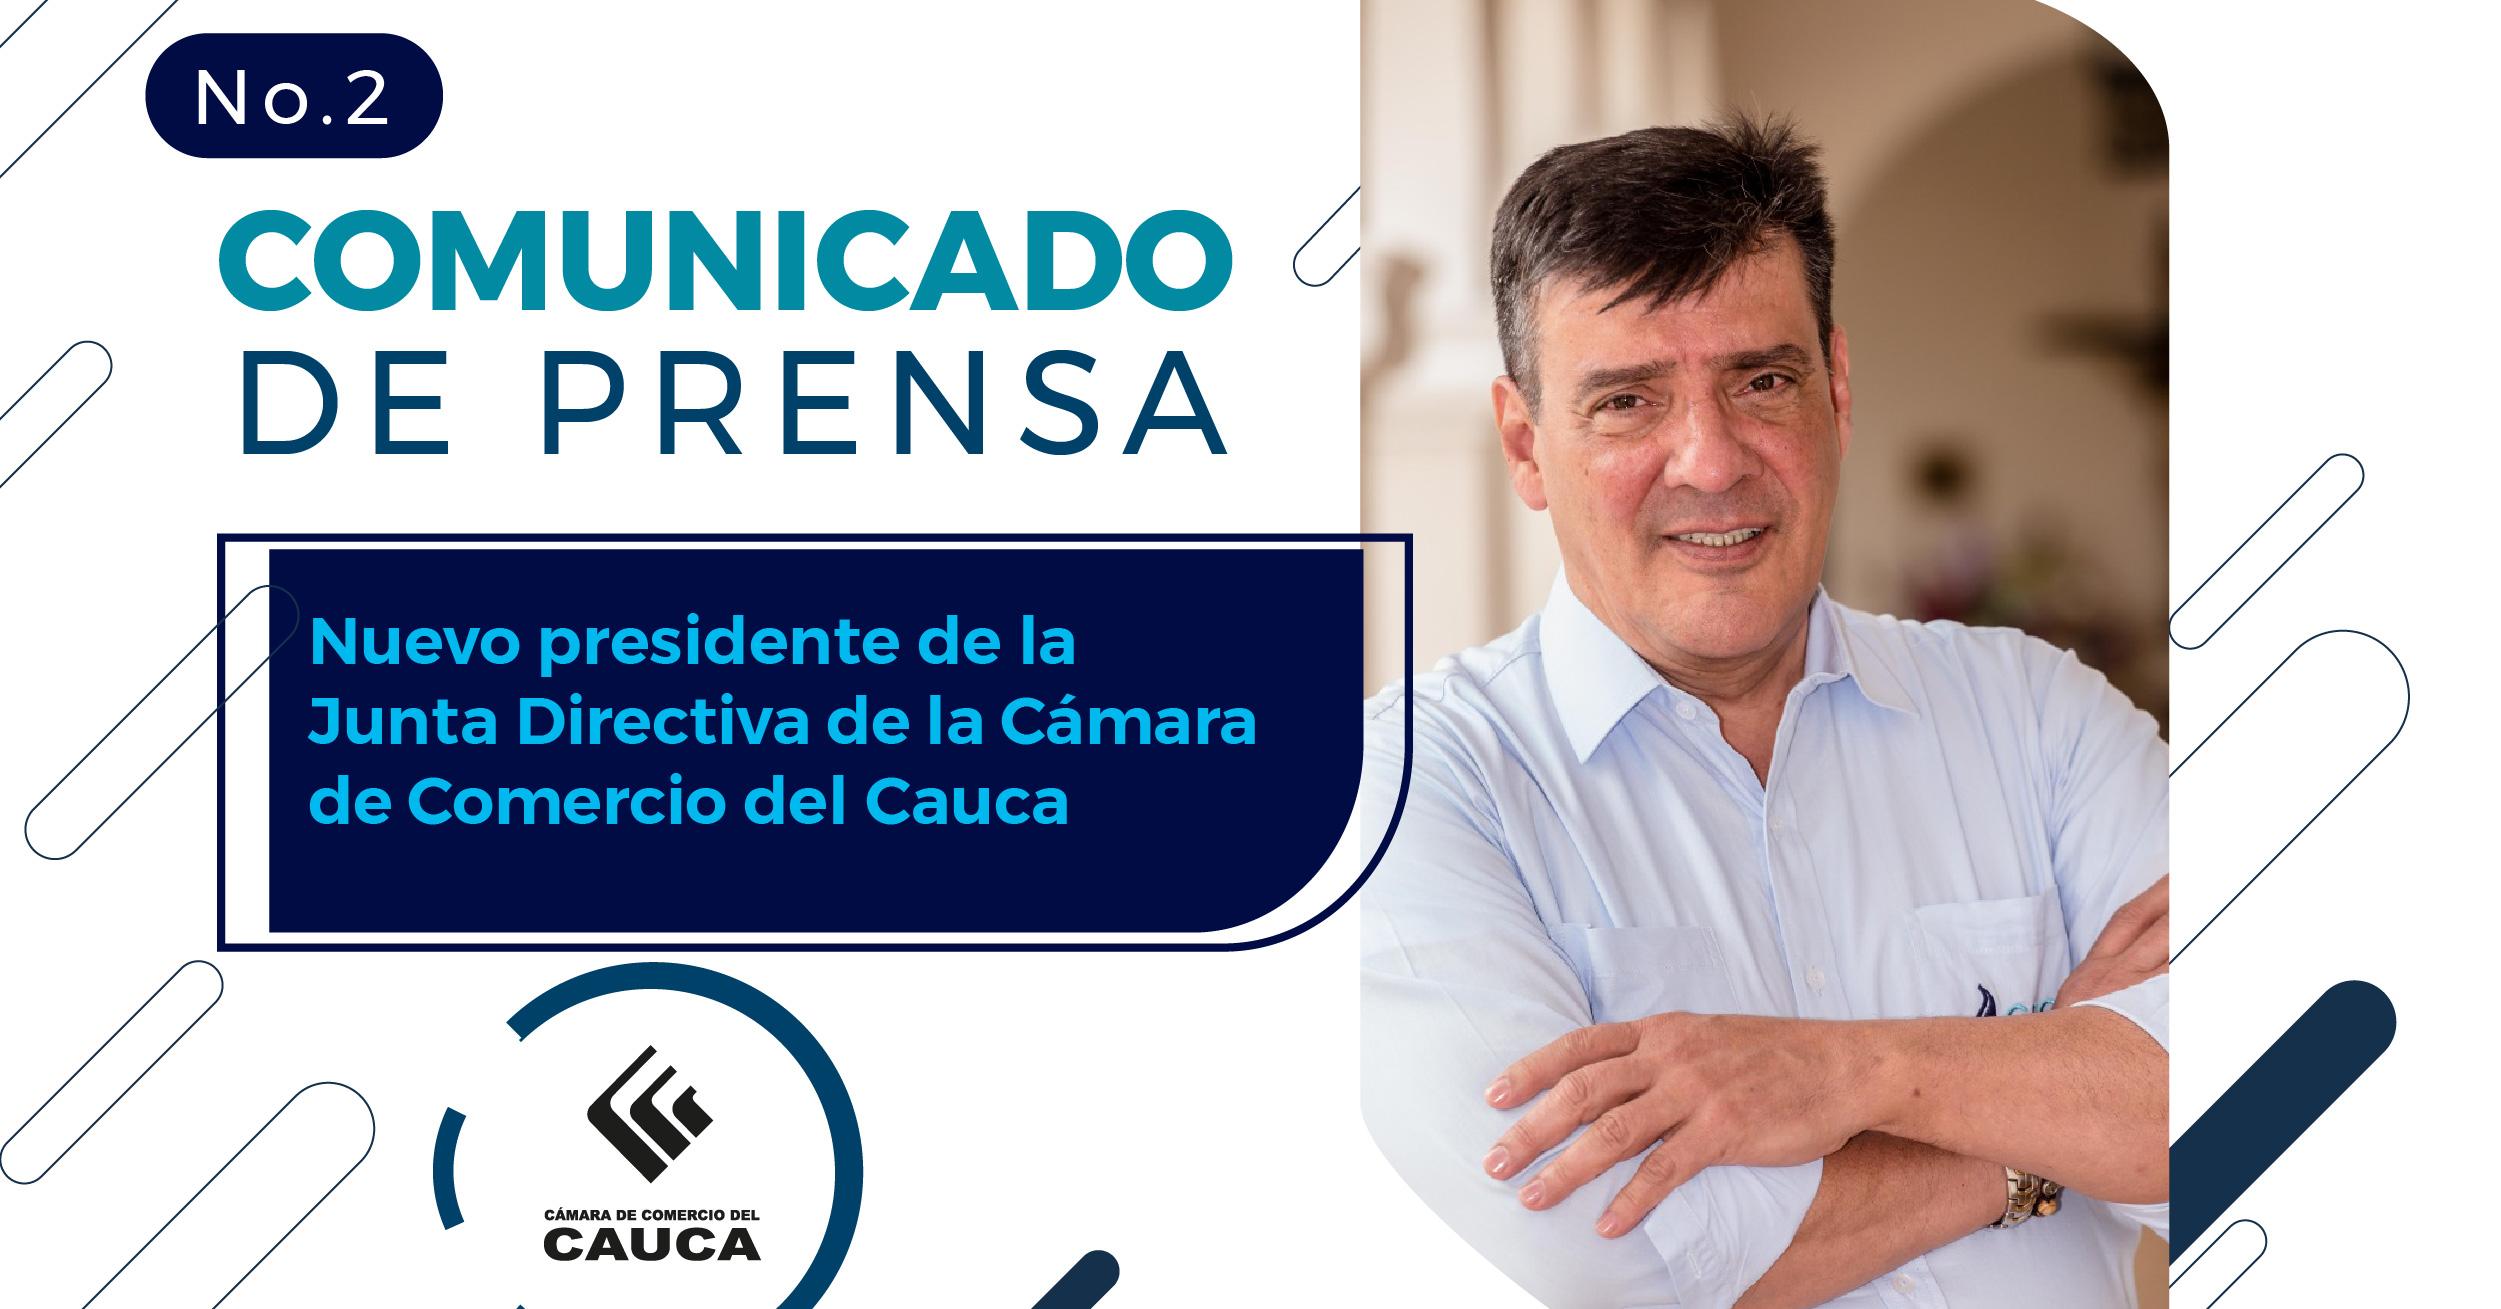 Llega a la presidencia de la Junta Directiva de la Cámara de Comercio del Caucael IngenieroSerrano Rueda, destacadolíder que trabaja por el desarrollo sostenible y empresarial de la región